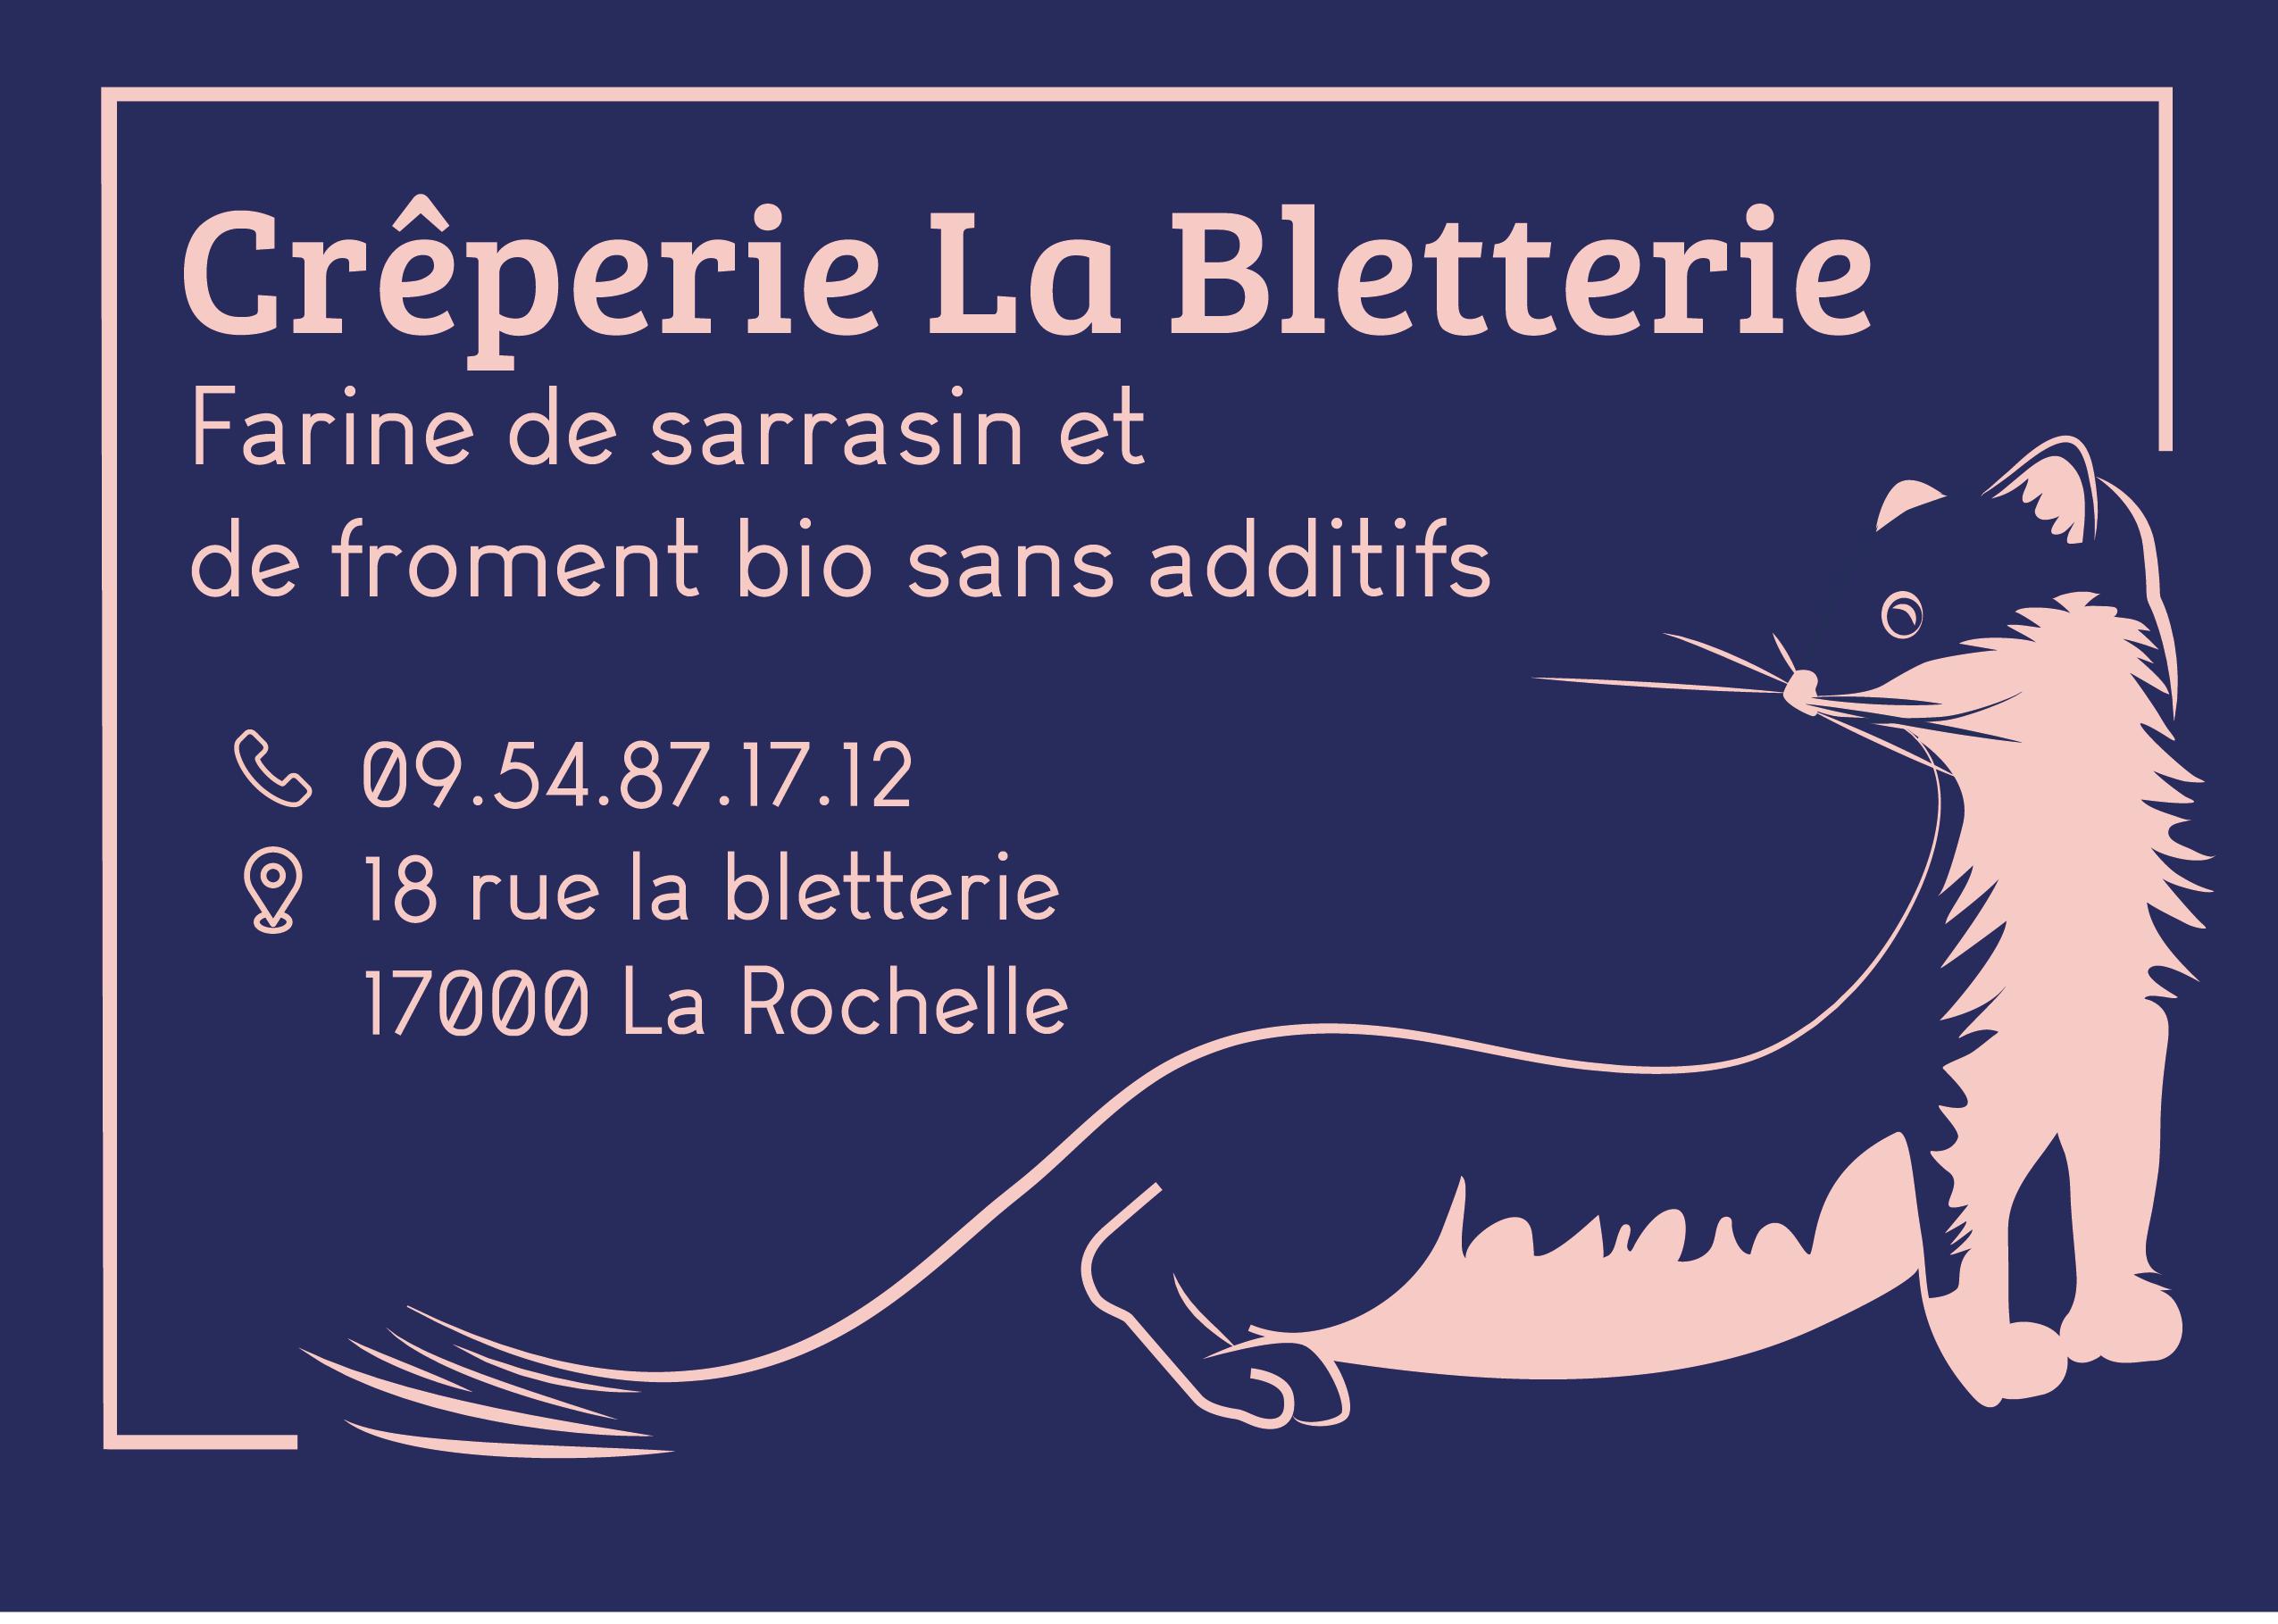 La Fois Amusante Et Accueillante Elle Saccorde Parfaitement Avec Lambiance De Creperie Saura Faire Parler Delle Dans Ville Rochelle